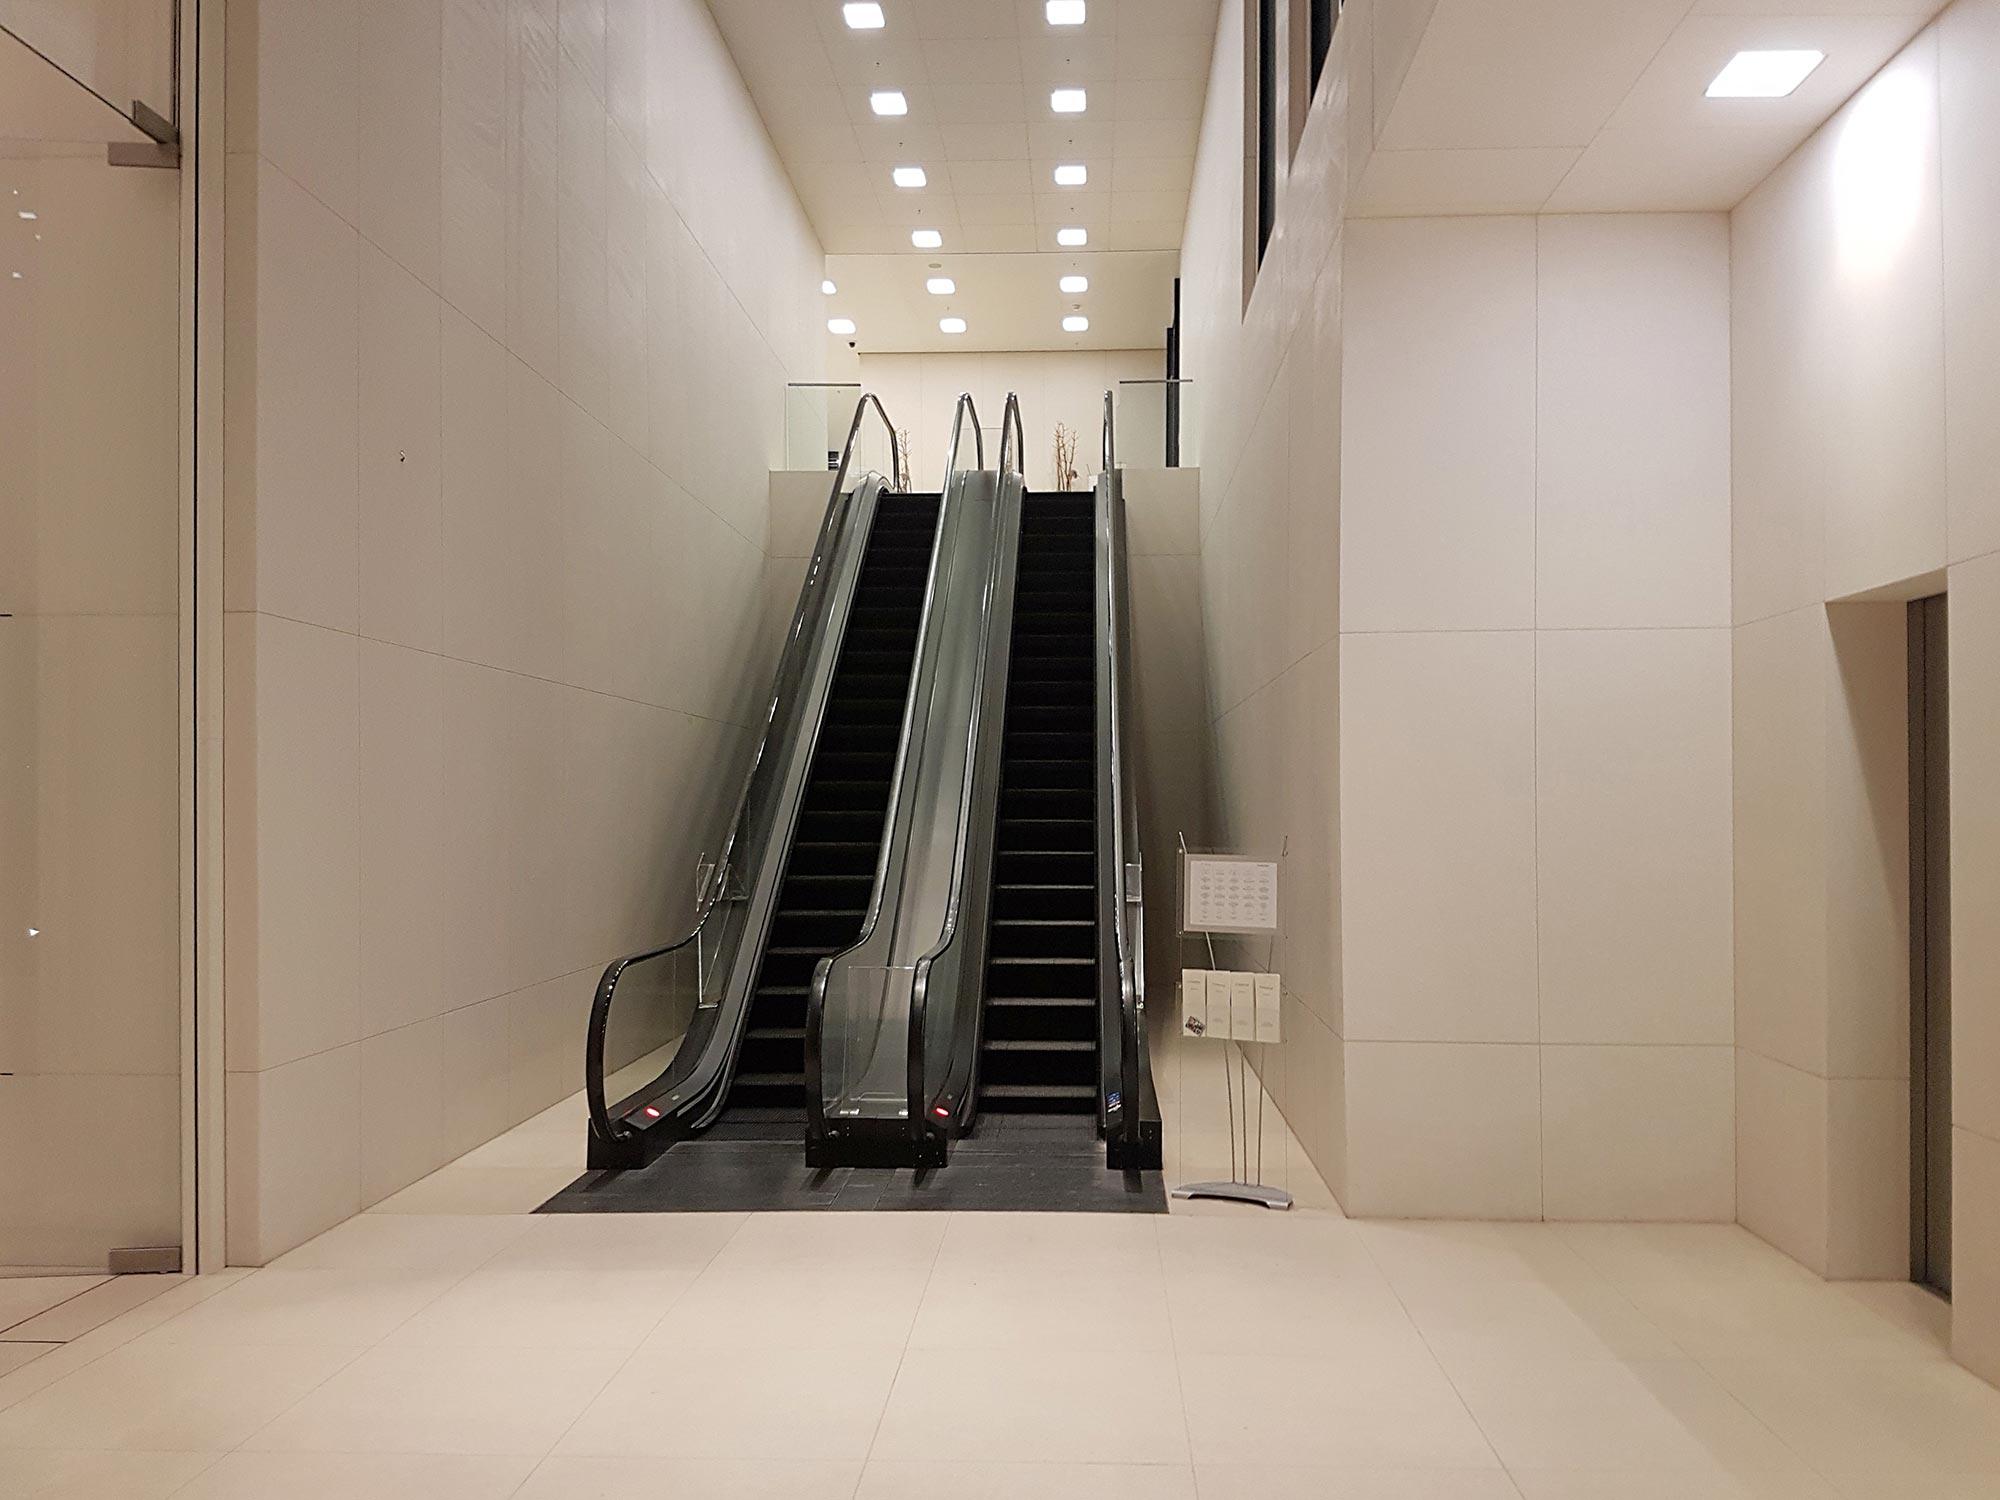 Frankfurt Rolltreppen im Inneren des Taunus Turms Residential